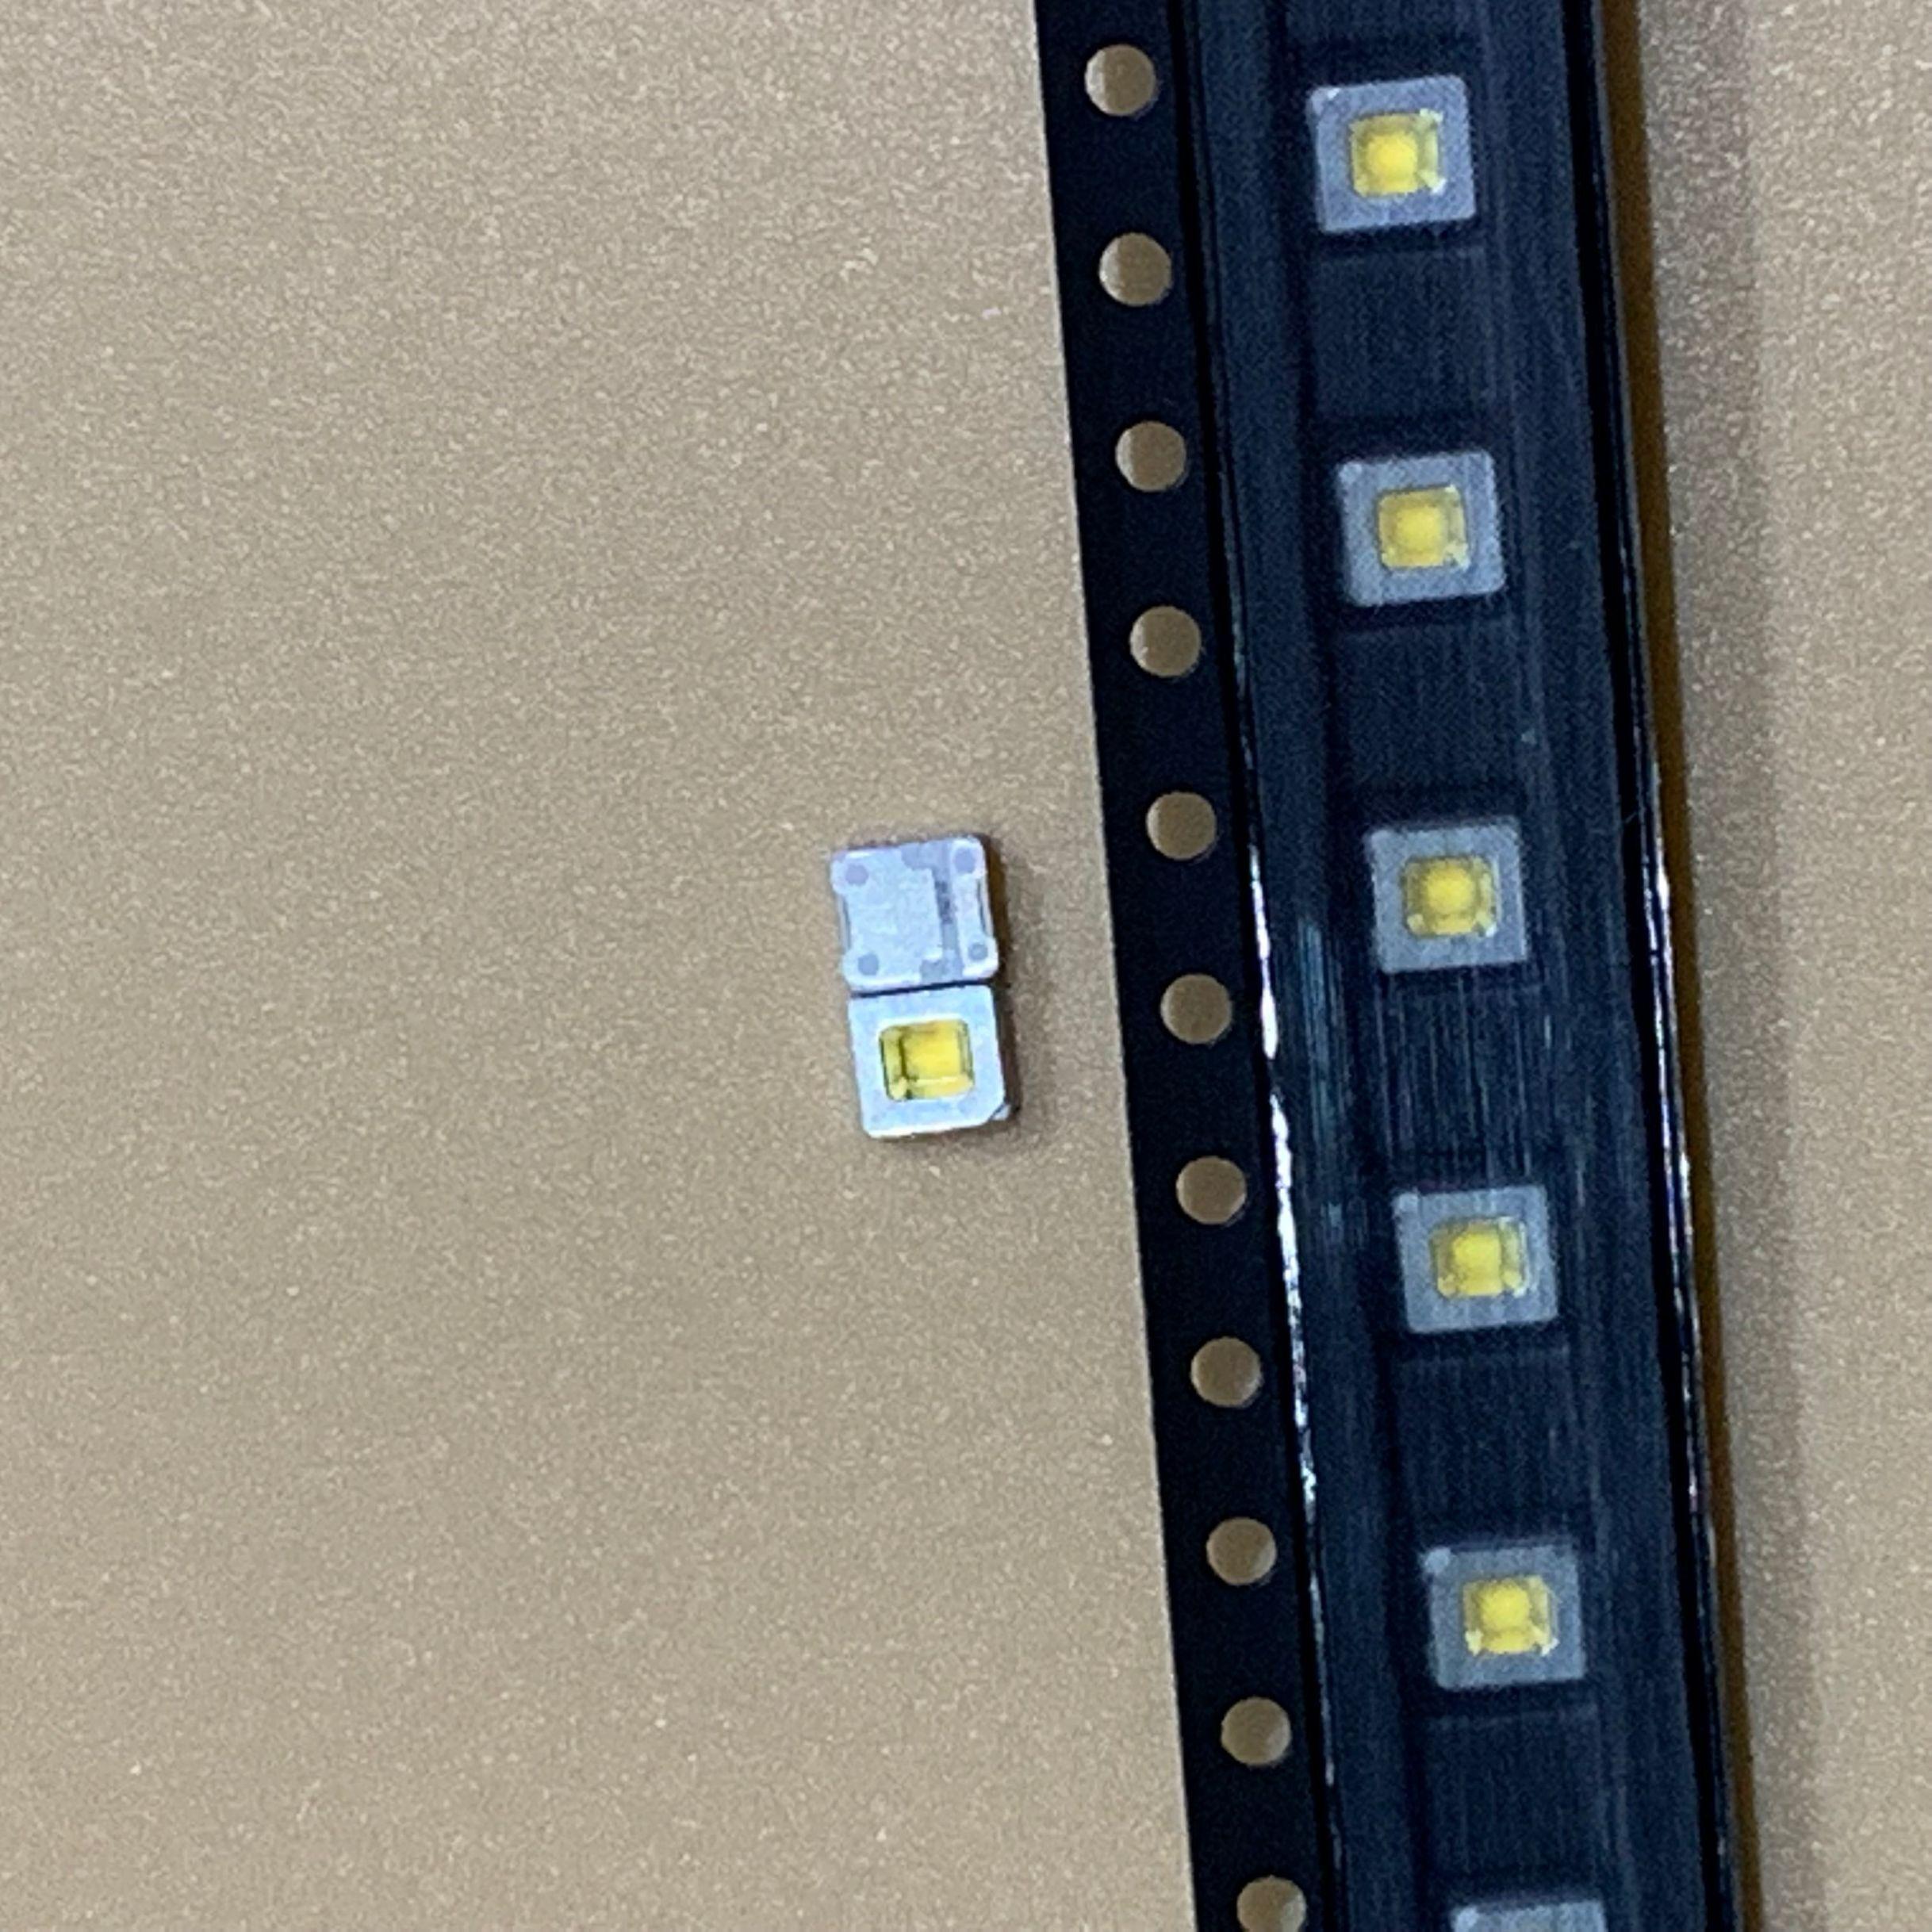 Pcs Samsung 3432 3030 3535 3 20 W naturalmente whit SMD/SMT LED 4000K SMD 3030 LEVOU Superfície montar 3V ~ 3.6V Ultra Birght Levou Chip de Diodo